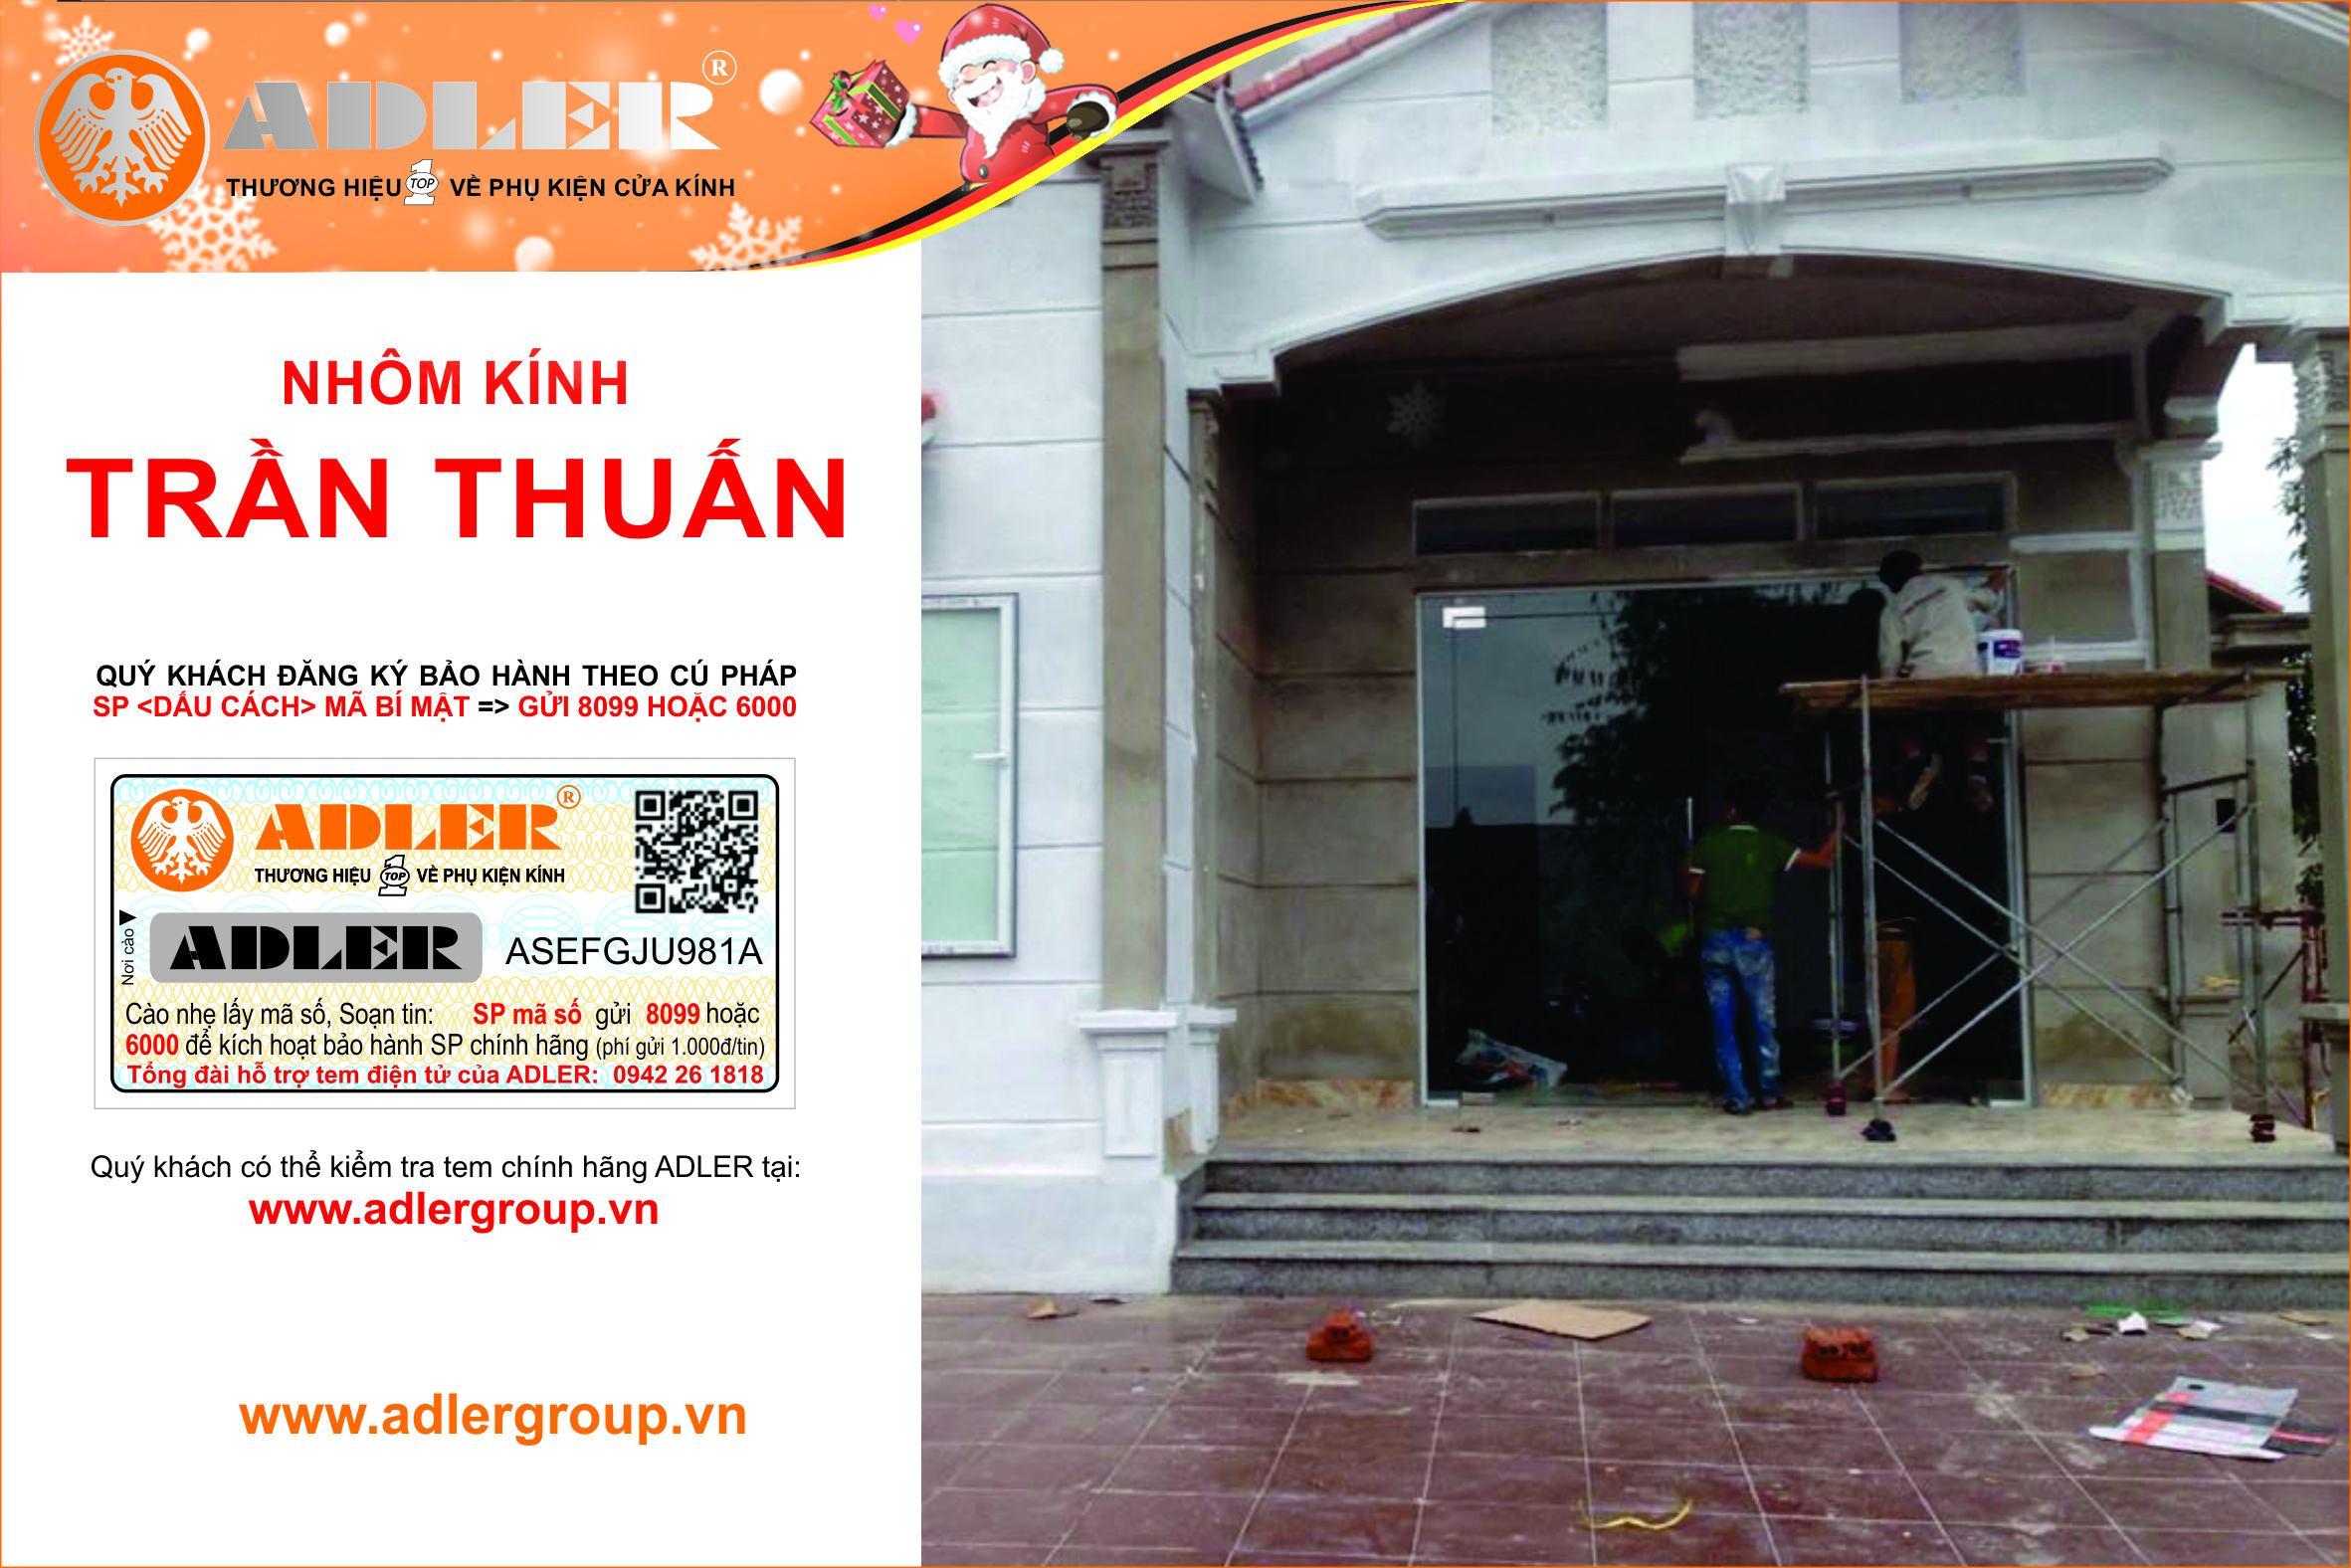 Những anh thợ lắp đặt chuyên nghiệp của nhôm kính Trần Thuấn